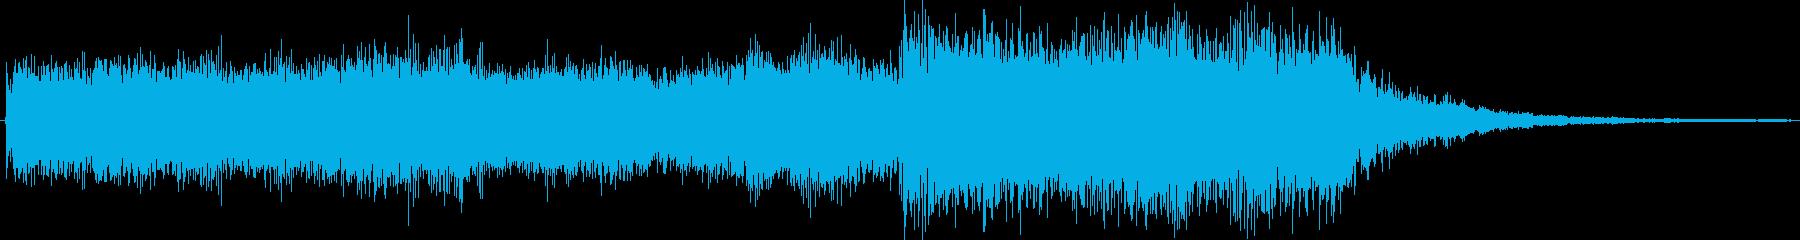 ステージクリアやアイテム獲得等で使って…の再生済みの波形